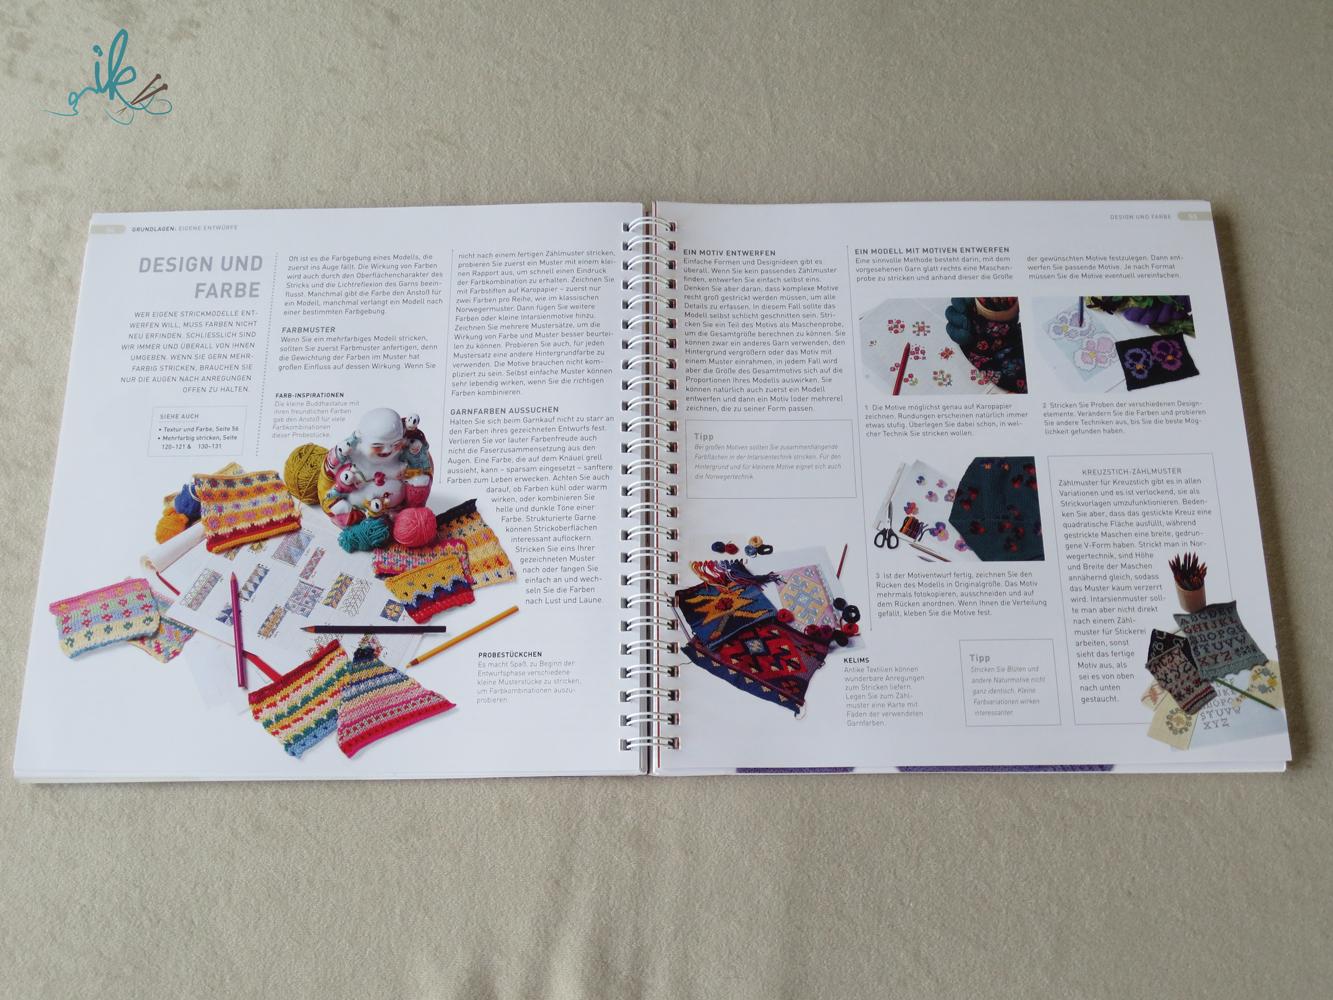 Strickmuster ber 150 designs in einem buch for Buch design